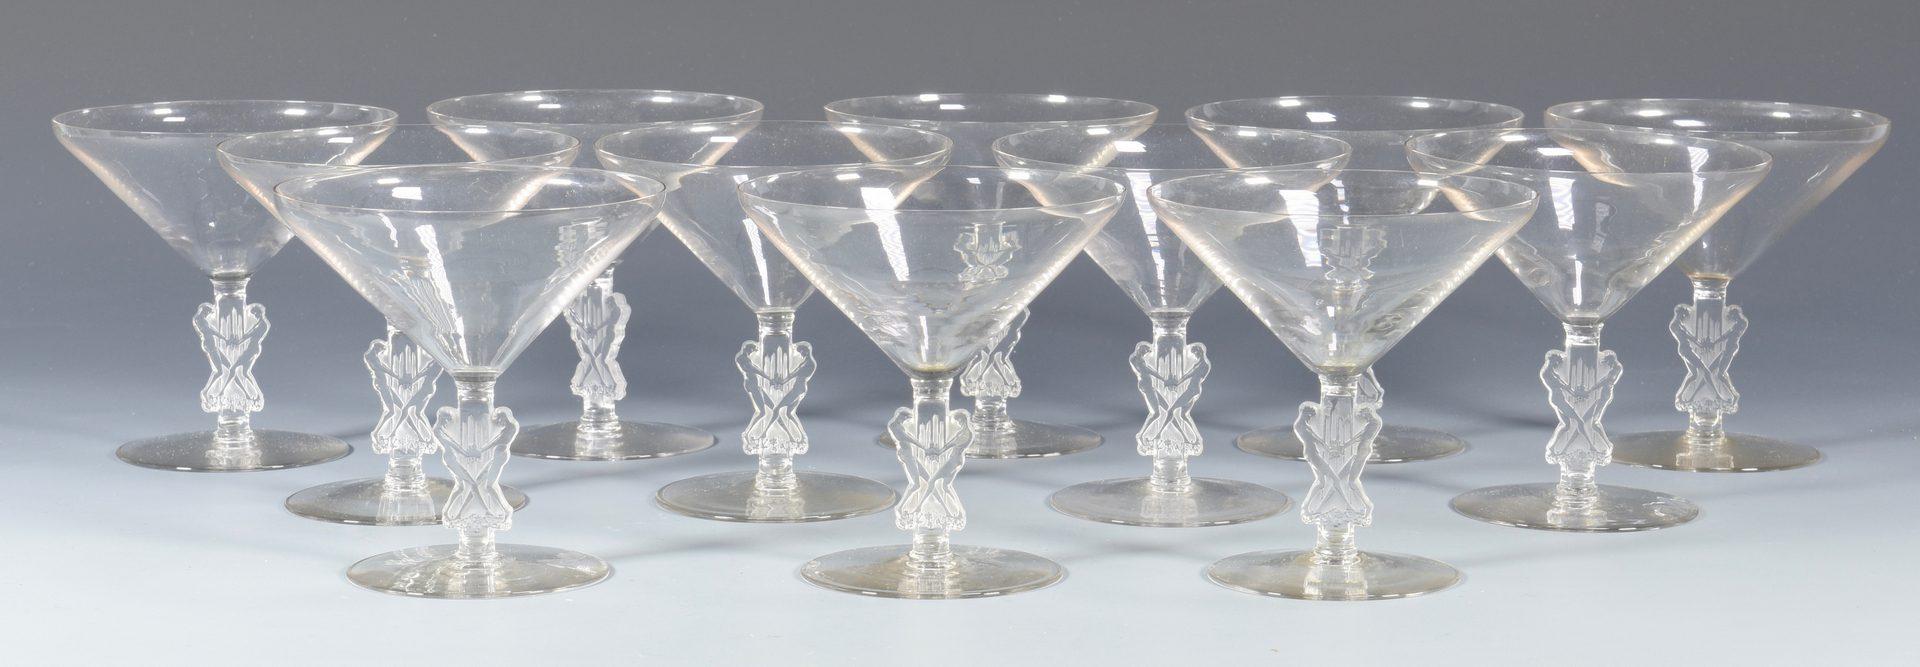 Lot 500: 12 Lalique Art Deco Goblets